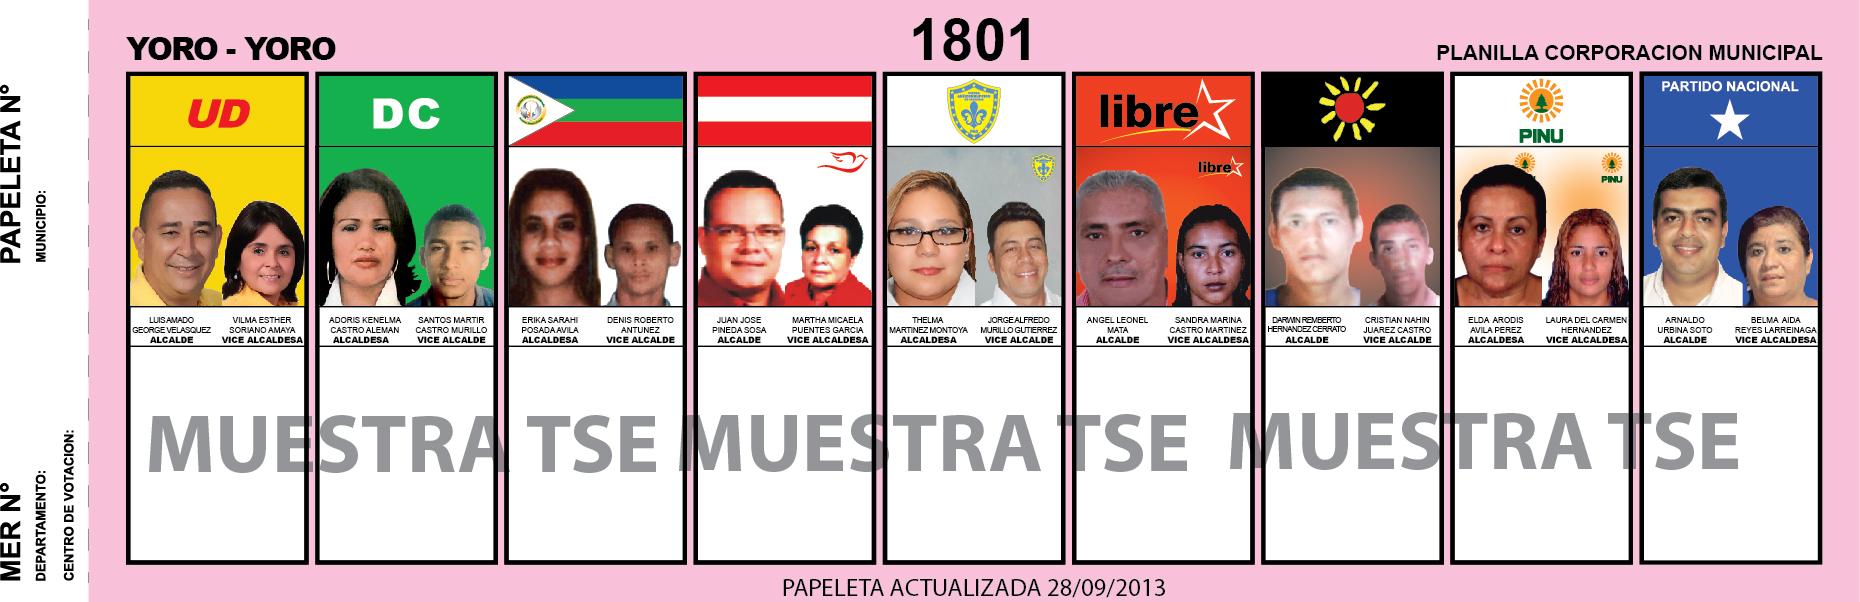 CANDIDATOS 2013 MUNICIPIO YORO - YORO - HONDURAS